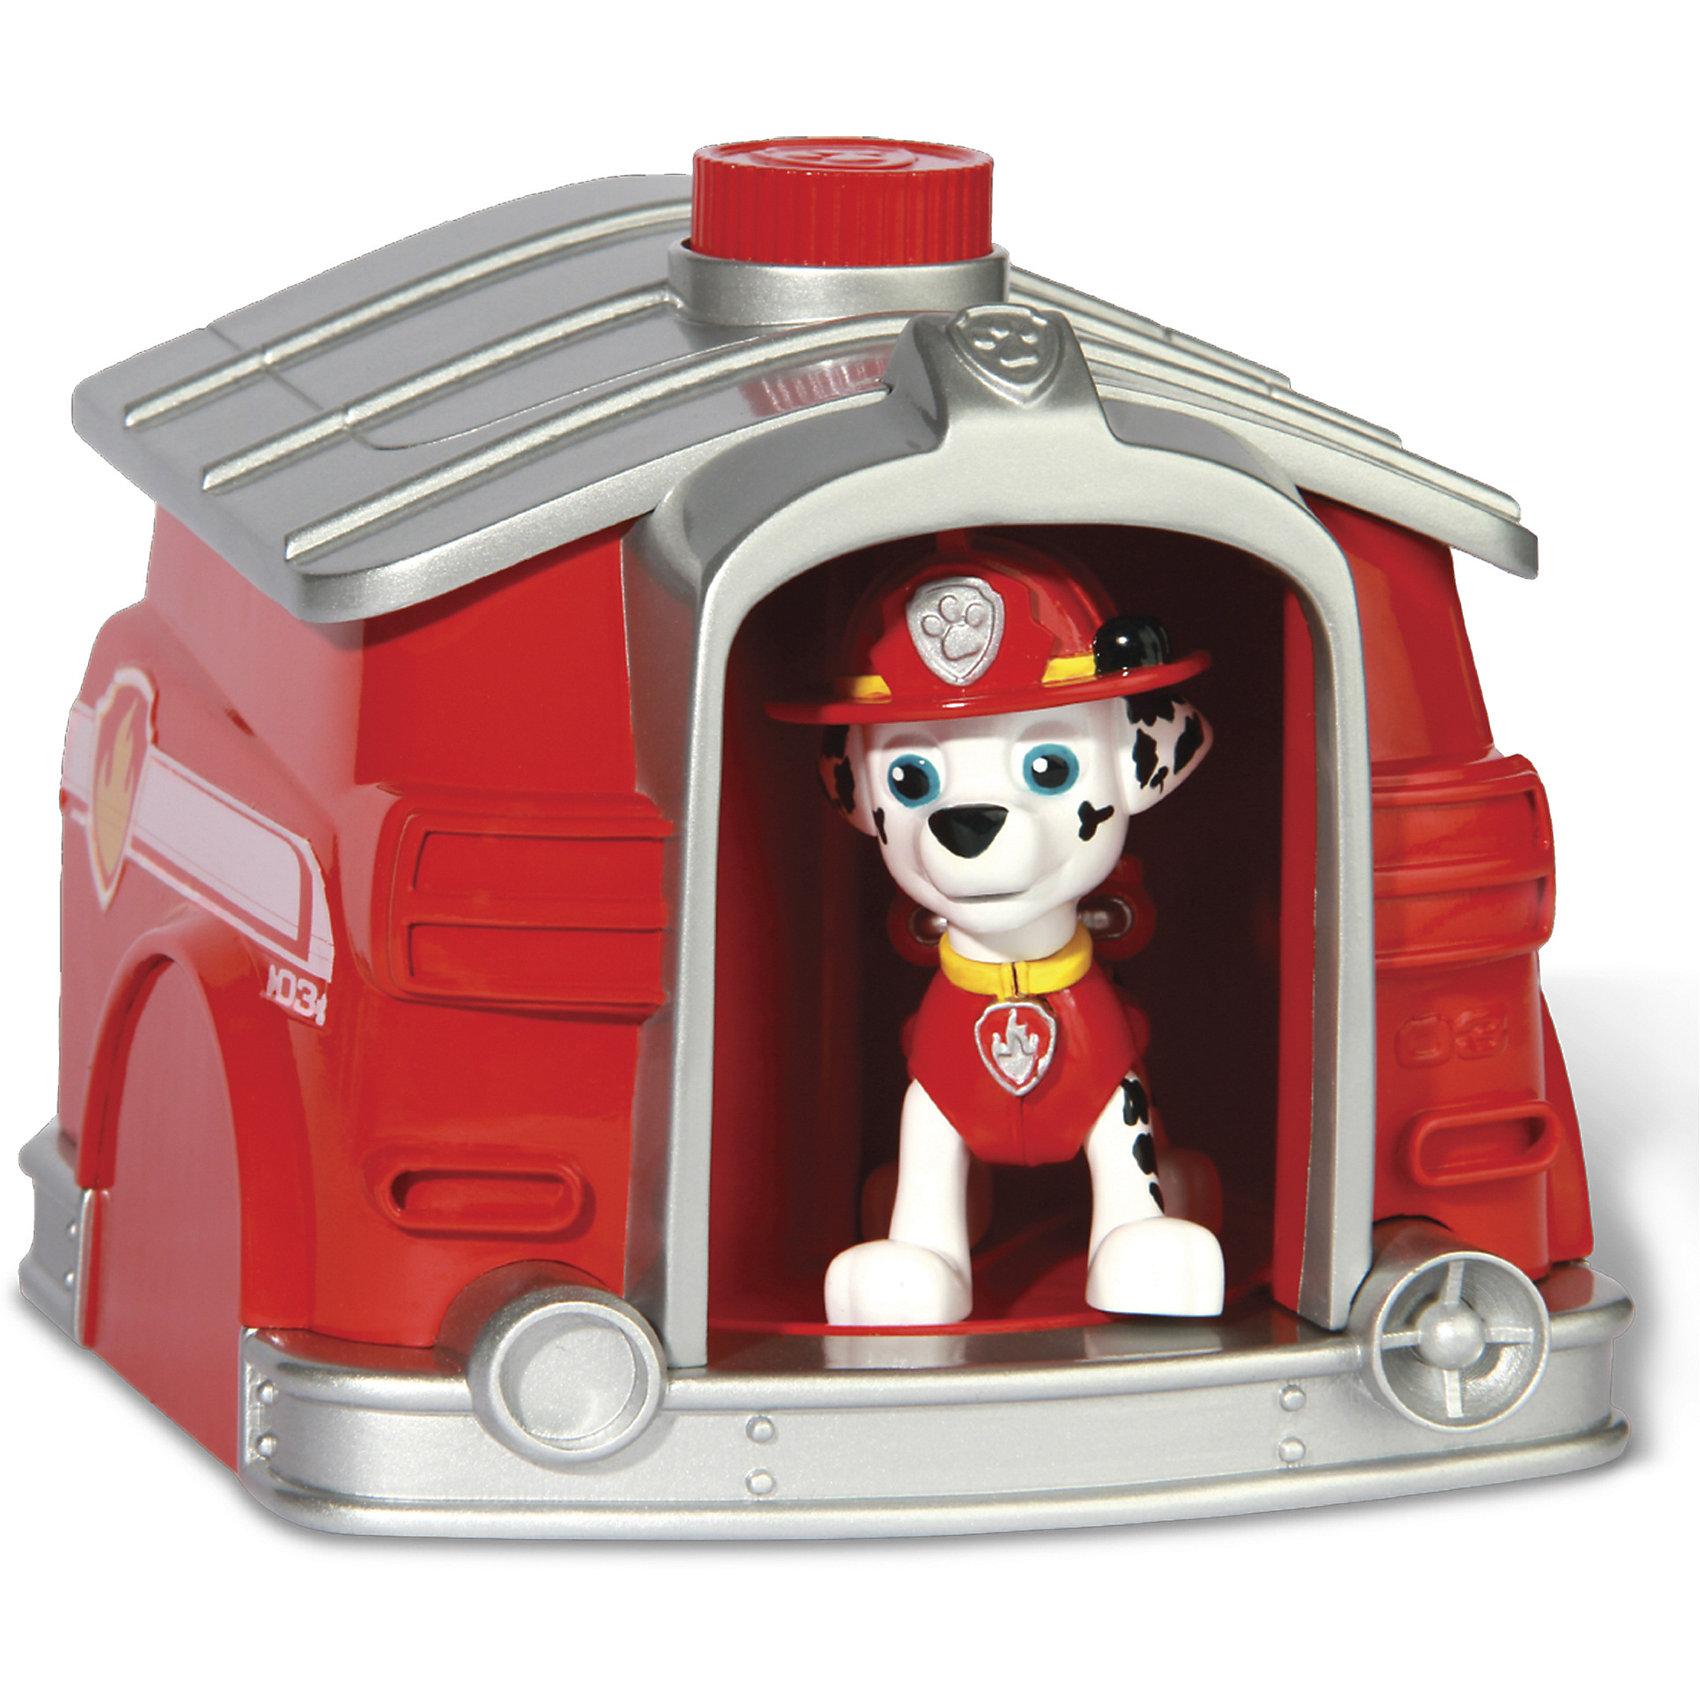 Два щенка в домике Щенячий патруль - МаршалХарактеристики товара:<br><br>• механизм для переодевания щенка<br>• размер упаковки: 27х26х14 см<br>• материал: пластик<br>• возраст: от трех лет<br>• комплектация: 2 щенка, домик, инструкция<br>• упаковка: картон<br><br>Игрушка в виде любимого героя - желанный подарок для малыша! Такая симпатичная игрушка с сюрпризом сделана в виде героя мультика Щенячий патруль - а его современные дети просто обожают. Также в наборе идет домик для щенка, в который героя можно посадить, нажать кнопку - и он мгновенно переоденется! Игрушка очень качественно выполнена, с ней можно придумать множество игр.<br>Взаимодействие с такими игрушками помогает детям развивать важные социальные навыки и способности, она активизирует мышление, логику, мелкую моторику и воображение. Изделие производится из качественных сертифицированных материалов, безопасных даже для самых маленьких.<br><br>Игровой набор Два щенка в домике, Маршал, Щенячий патруль, можно купить в нашем интернет-магазине.<br><br>Ширина мм: 270<br>Глубина мм: 260<br>Высота мм: 140<br>Вес г: 675<br>Возраст от месяцев: 36<br>Возраст до месяцев: 2147483647<br>Пол: Мужской<br>Возраст: Детский<br>SKU: 5227294